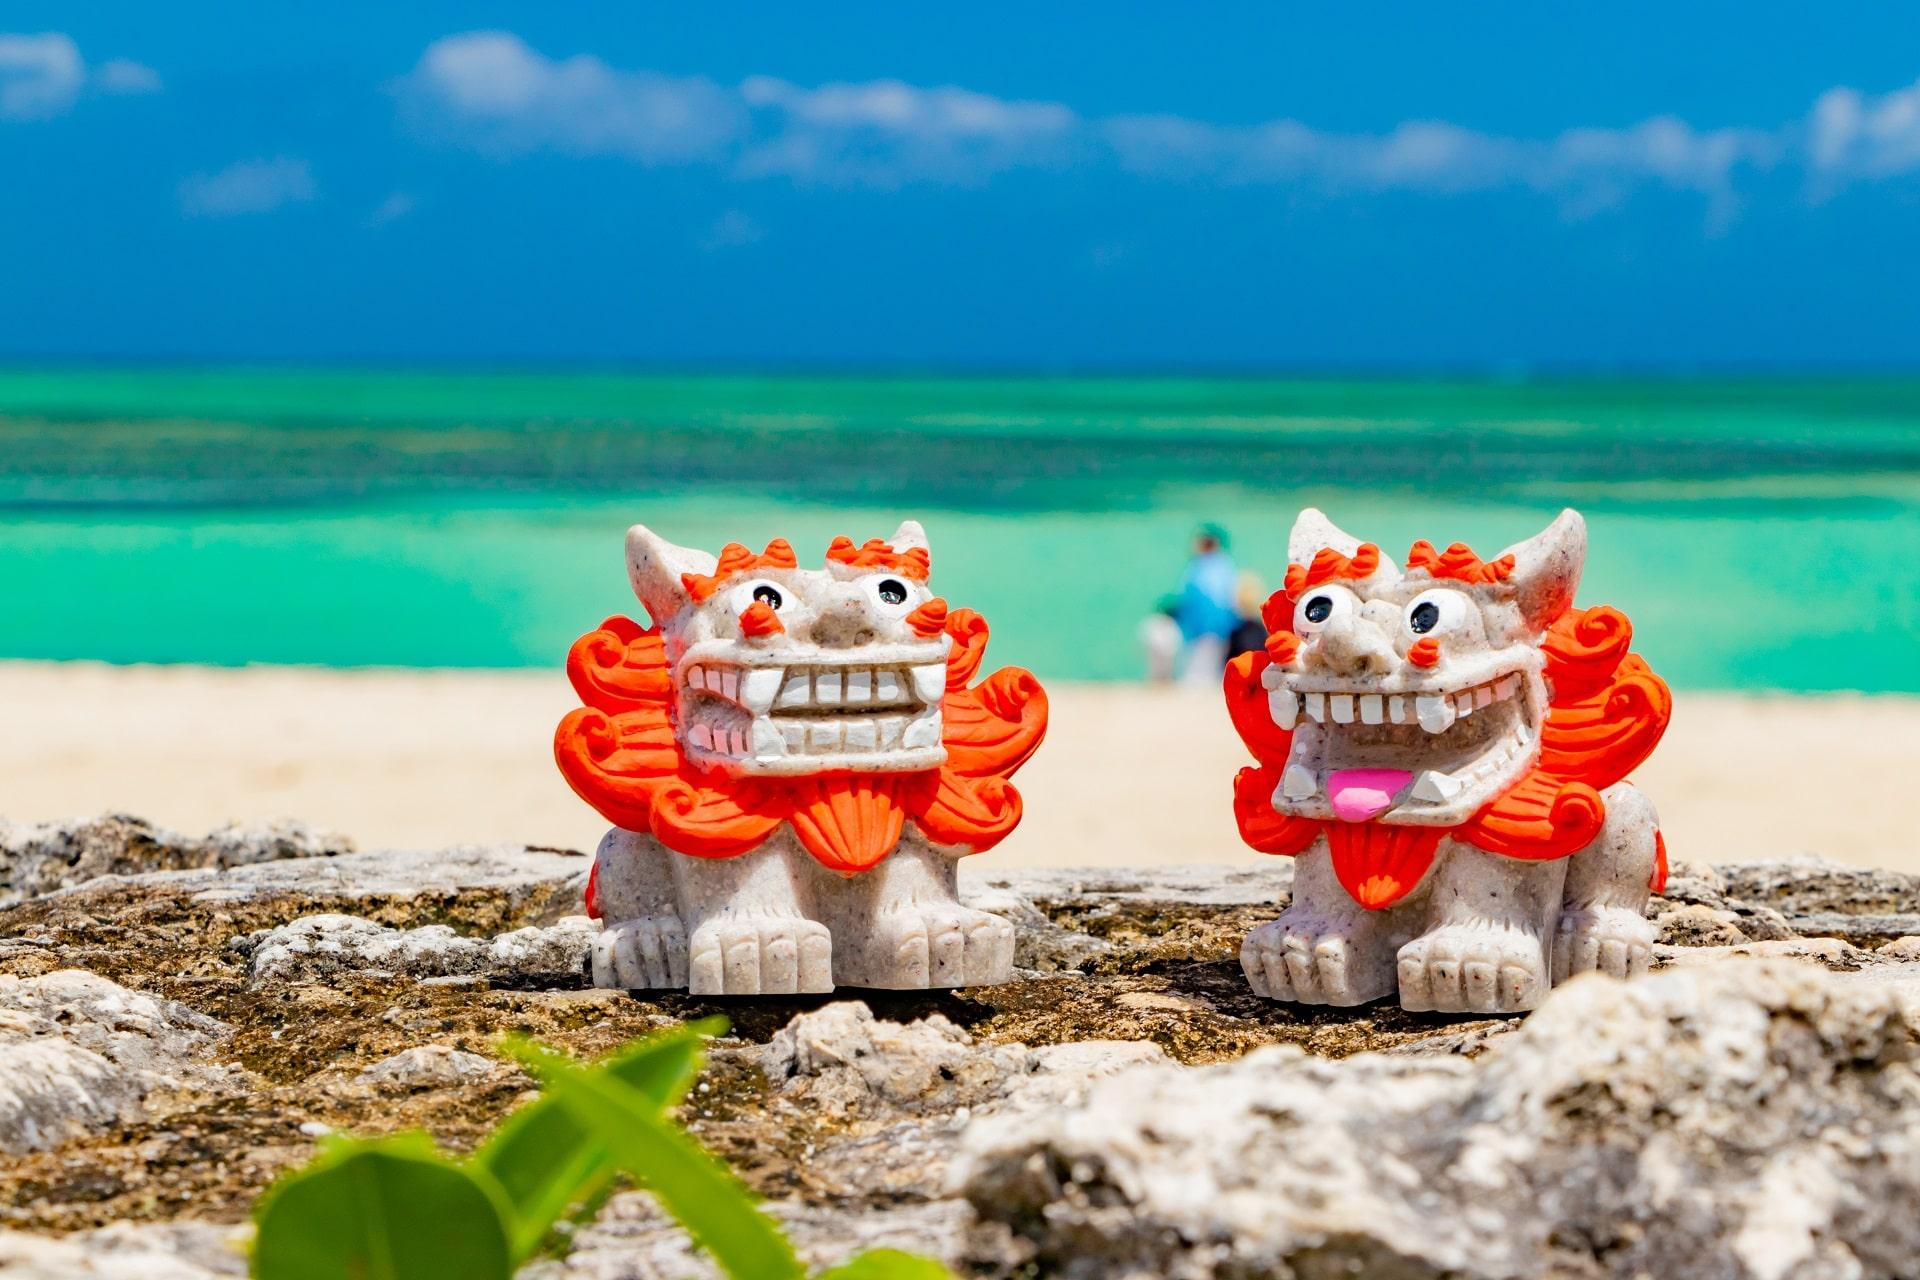 シニア世代も楽しめる!沖縄おすすめ観光スポットをご紹介!